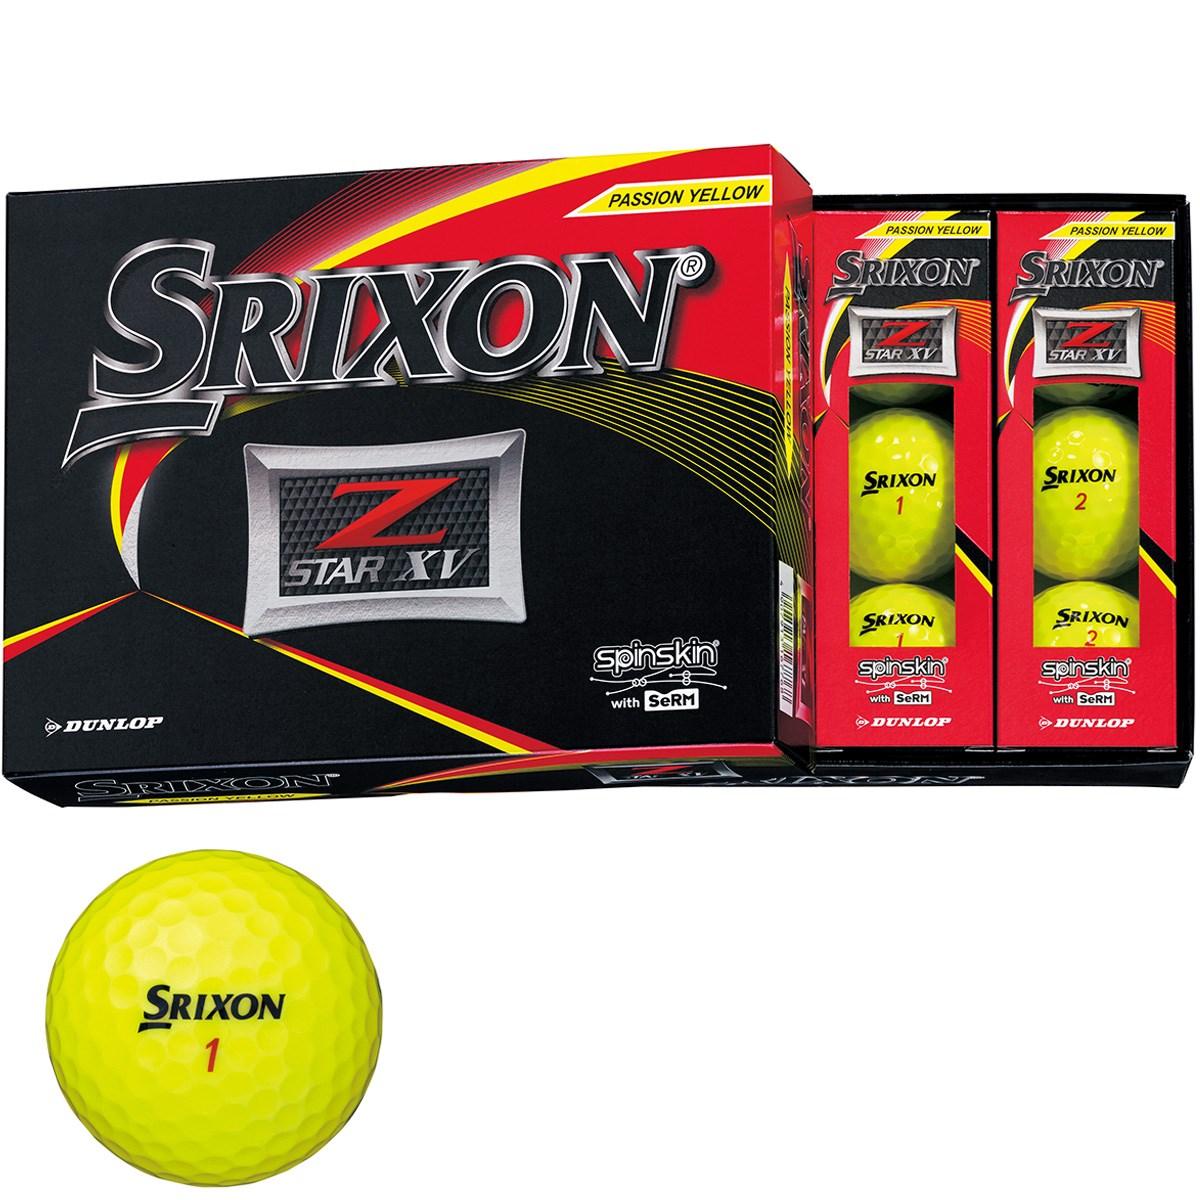 ダンロップ SRIXON Z-STAR XV ボール 1ダース(12個入り) プレミアムパッションイエロー